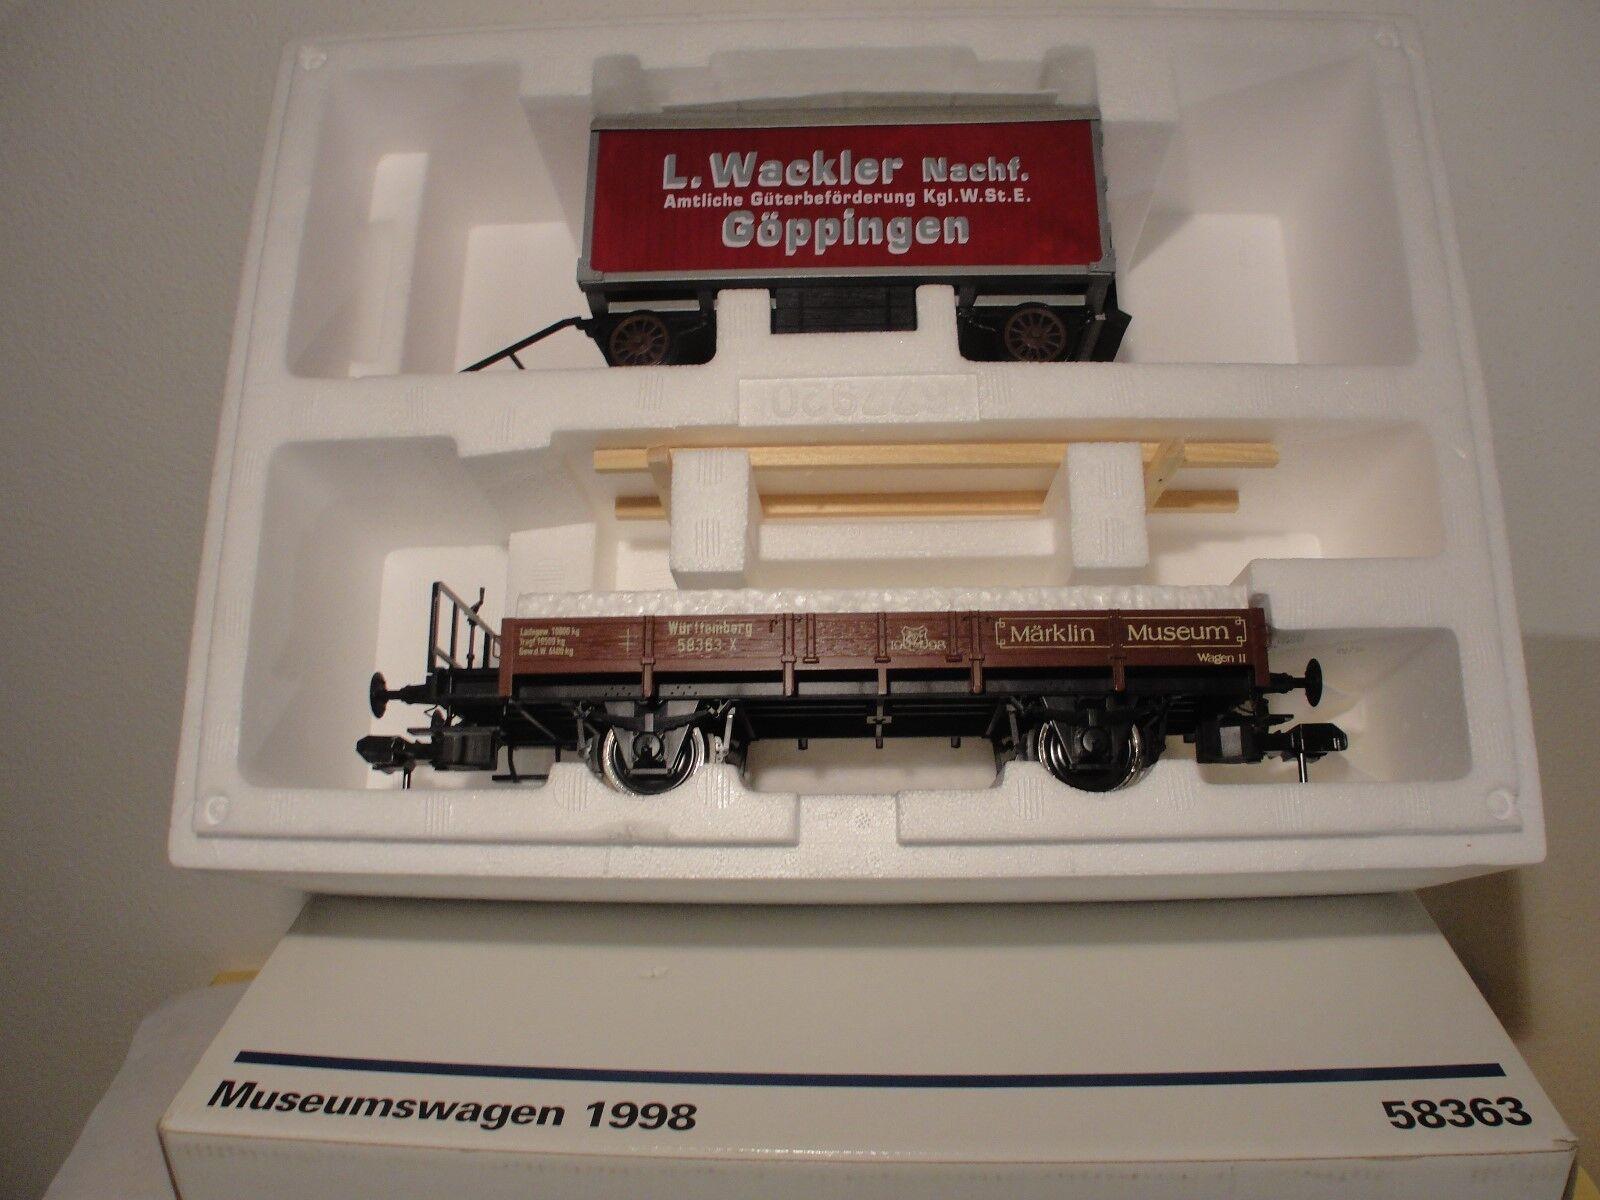 Märklin 58363 Spur I Musumswagen 1998 NiederBordWagen + LKW Anhänger, NEU, OK